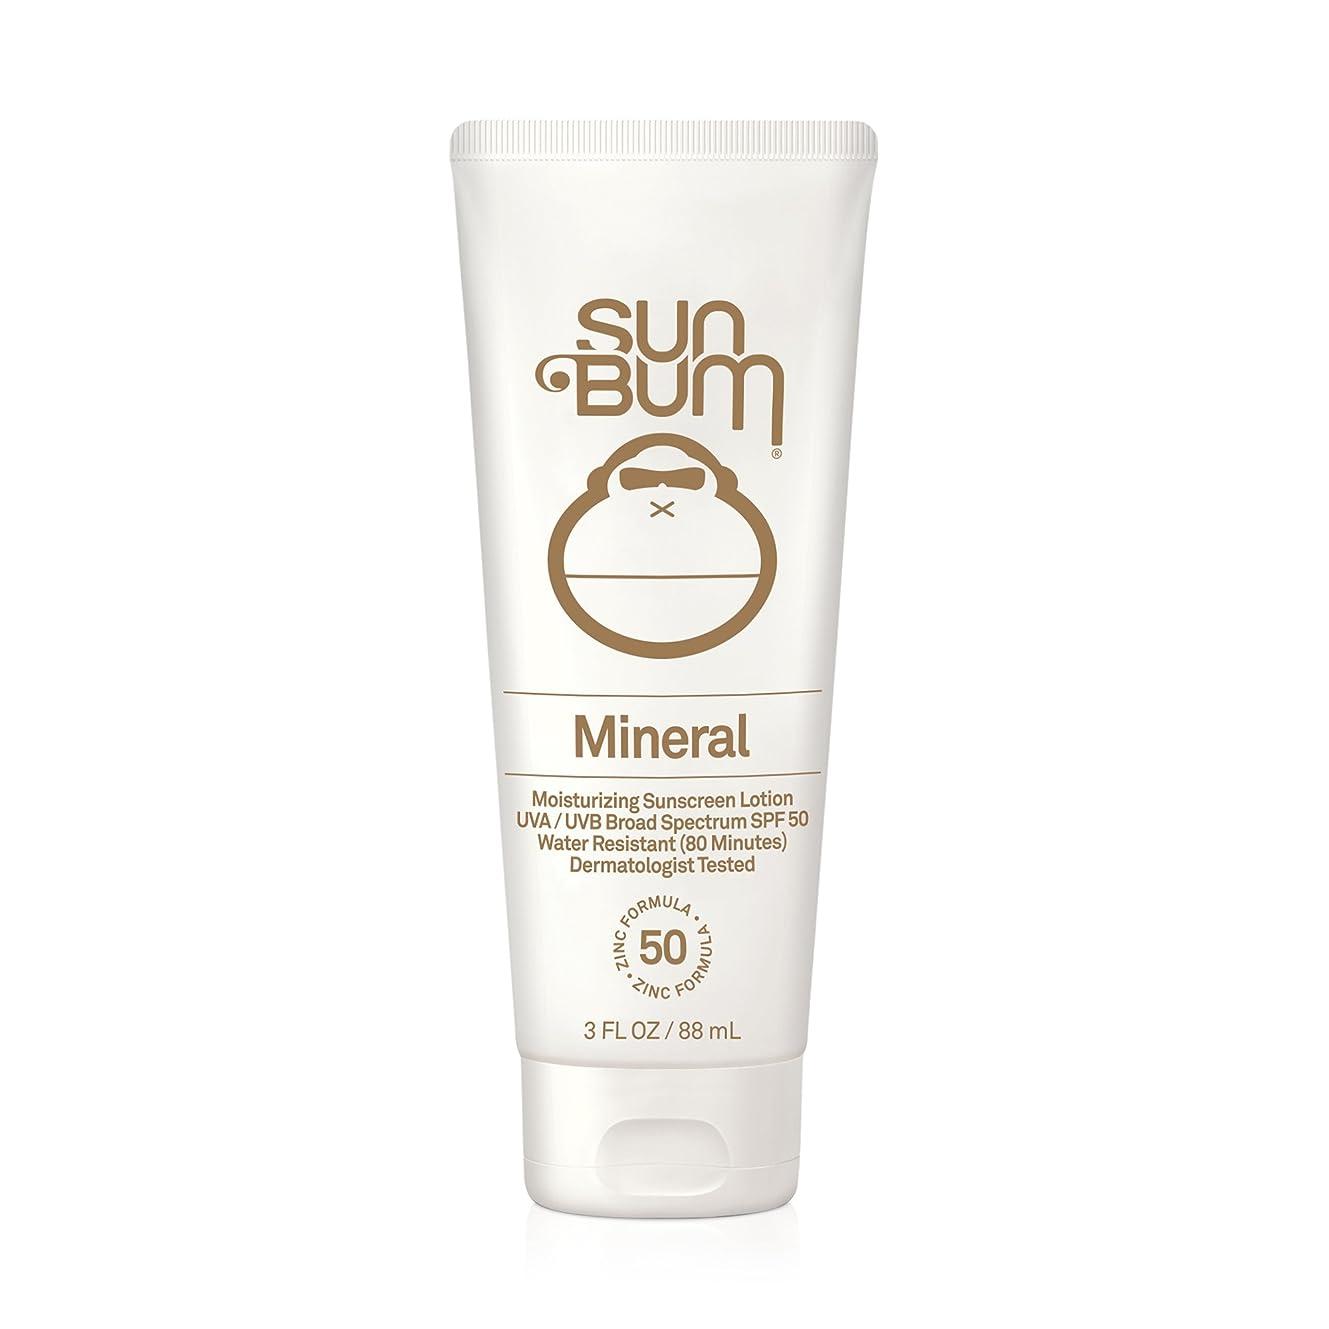 サン バン SUN BUM 日焼け止め サンスクリーン オーガニック ハワイ Sunscreen SPF 50 88ml 3FL OZ